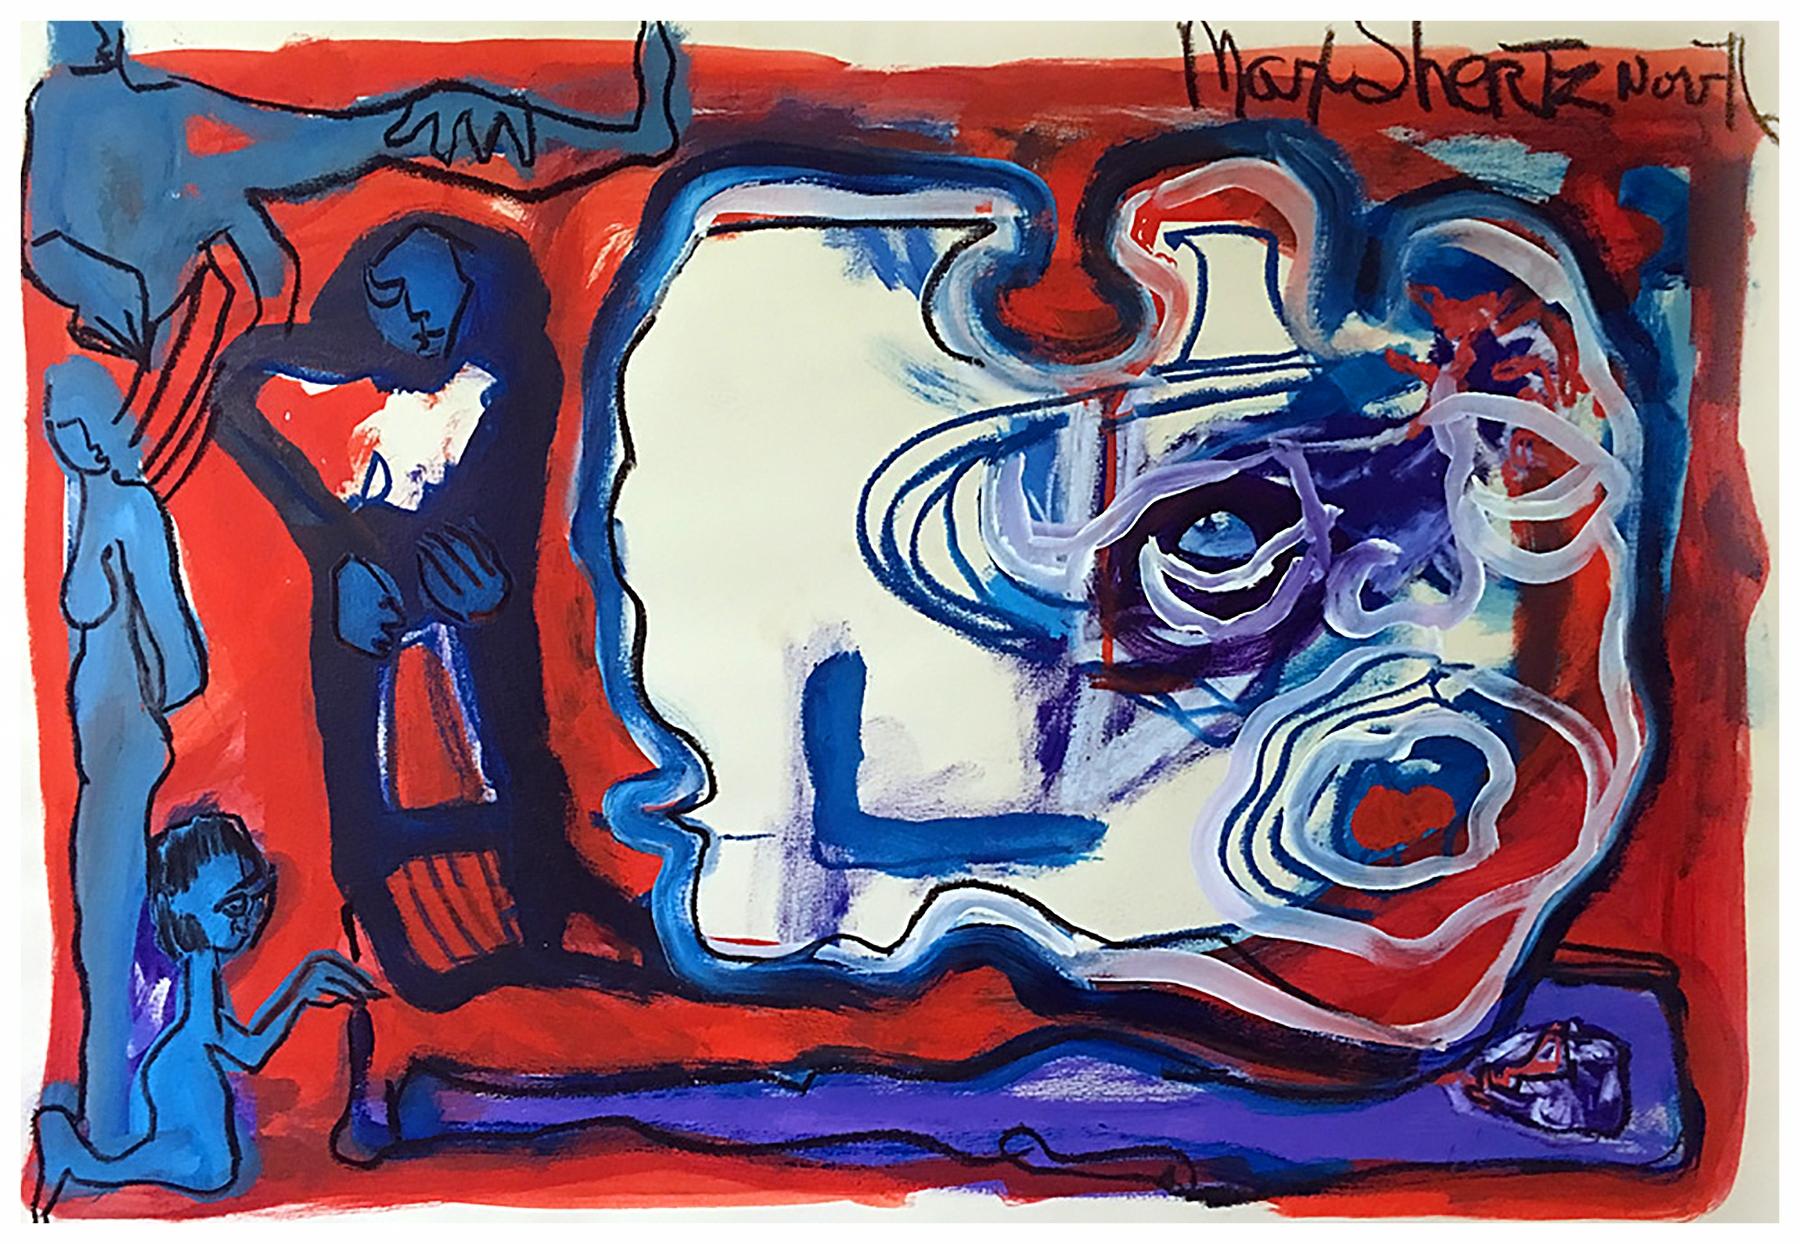 Scream Revisited 1976 22x30 Mixed Medium